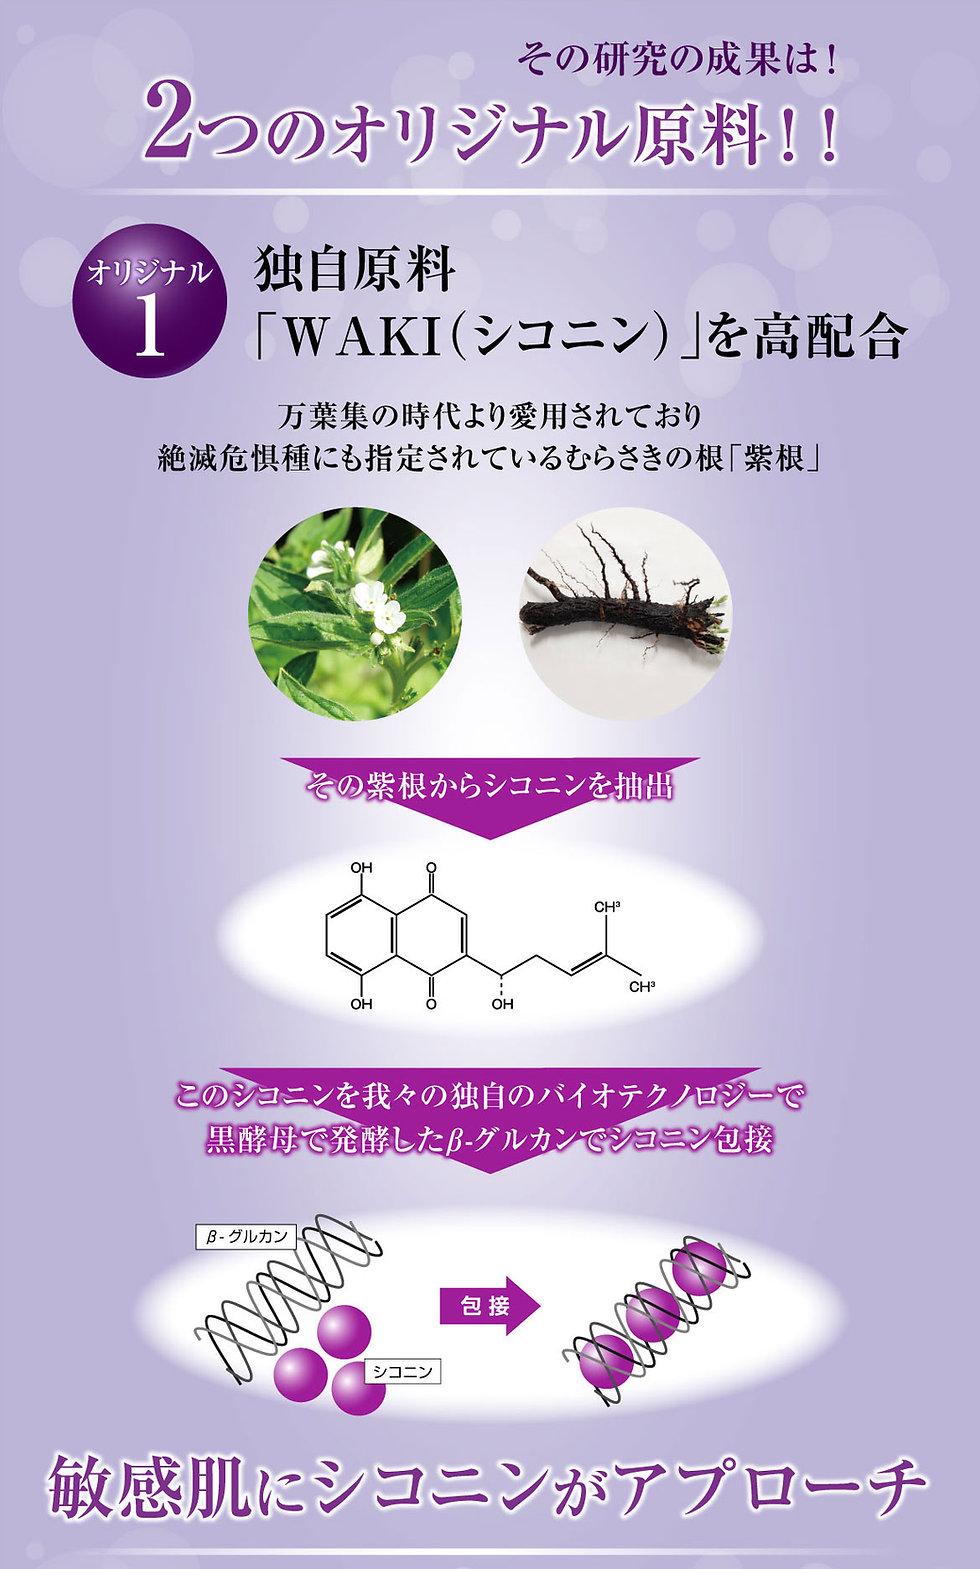 2001_pharma04.jpg